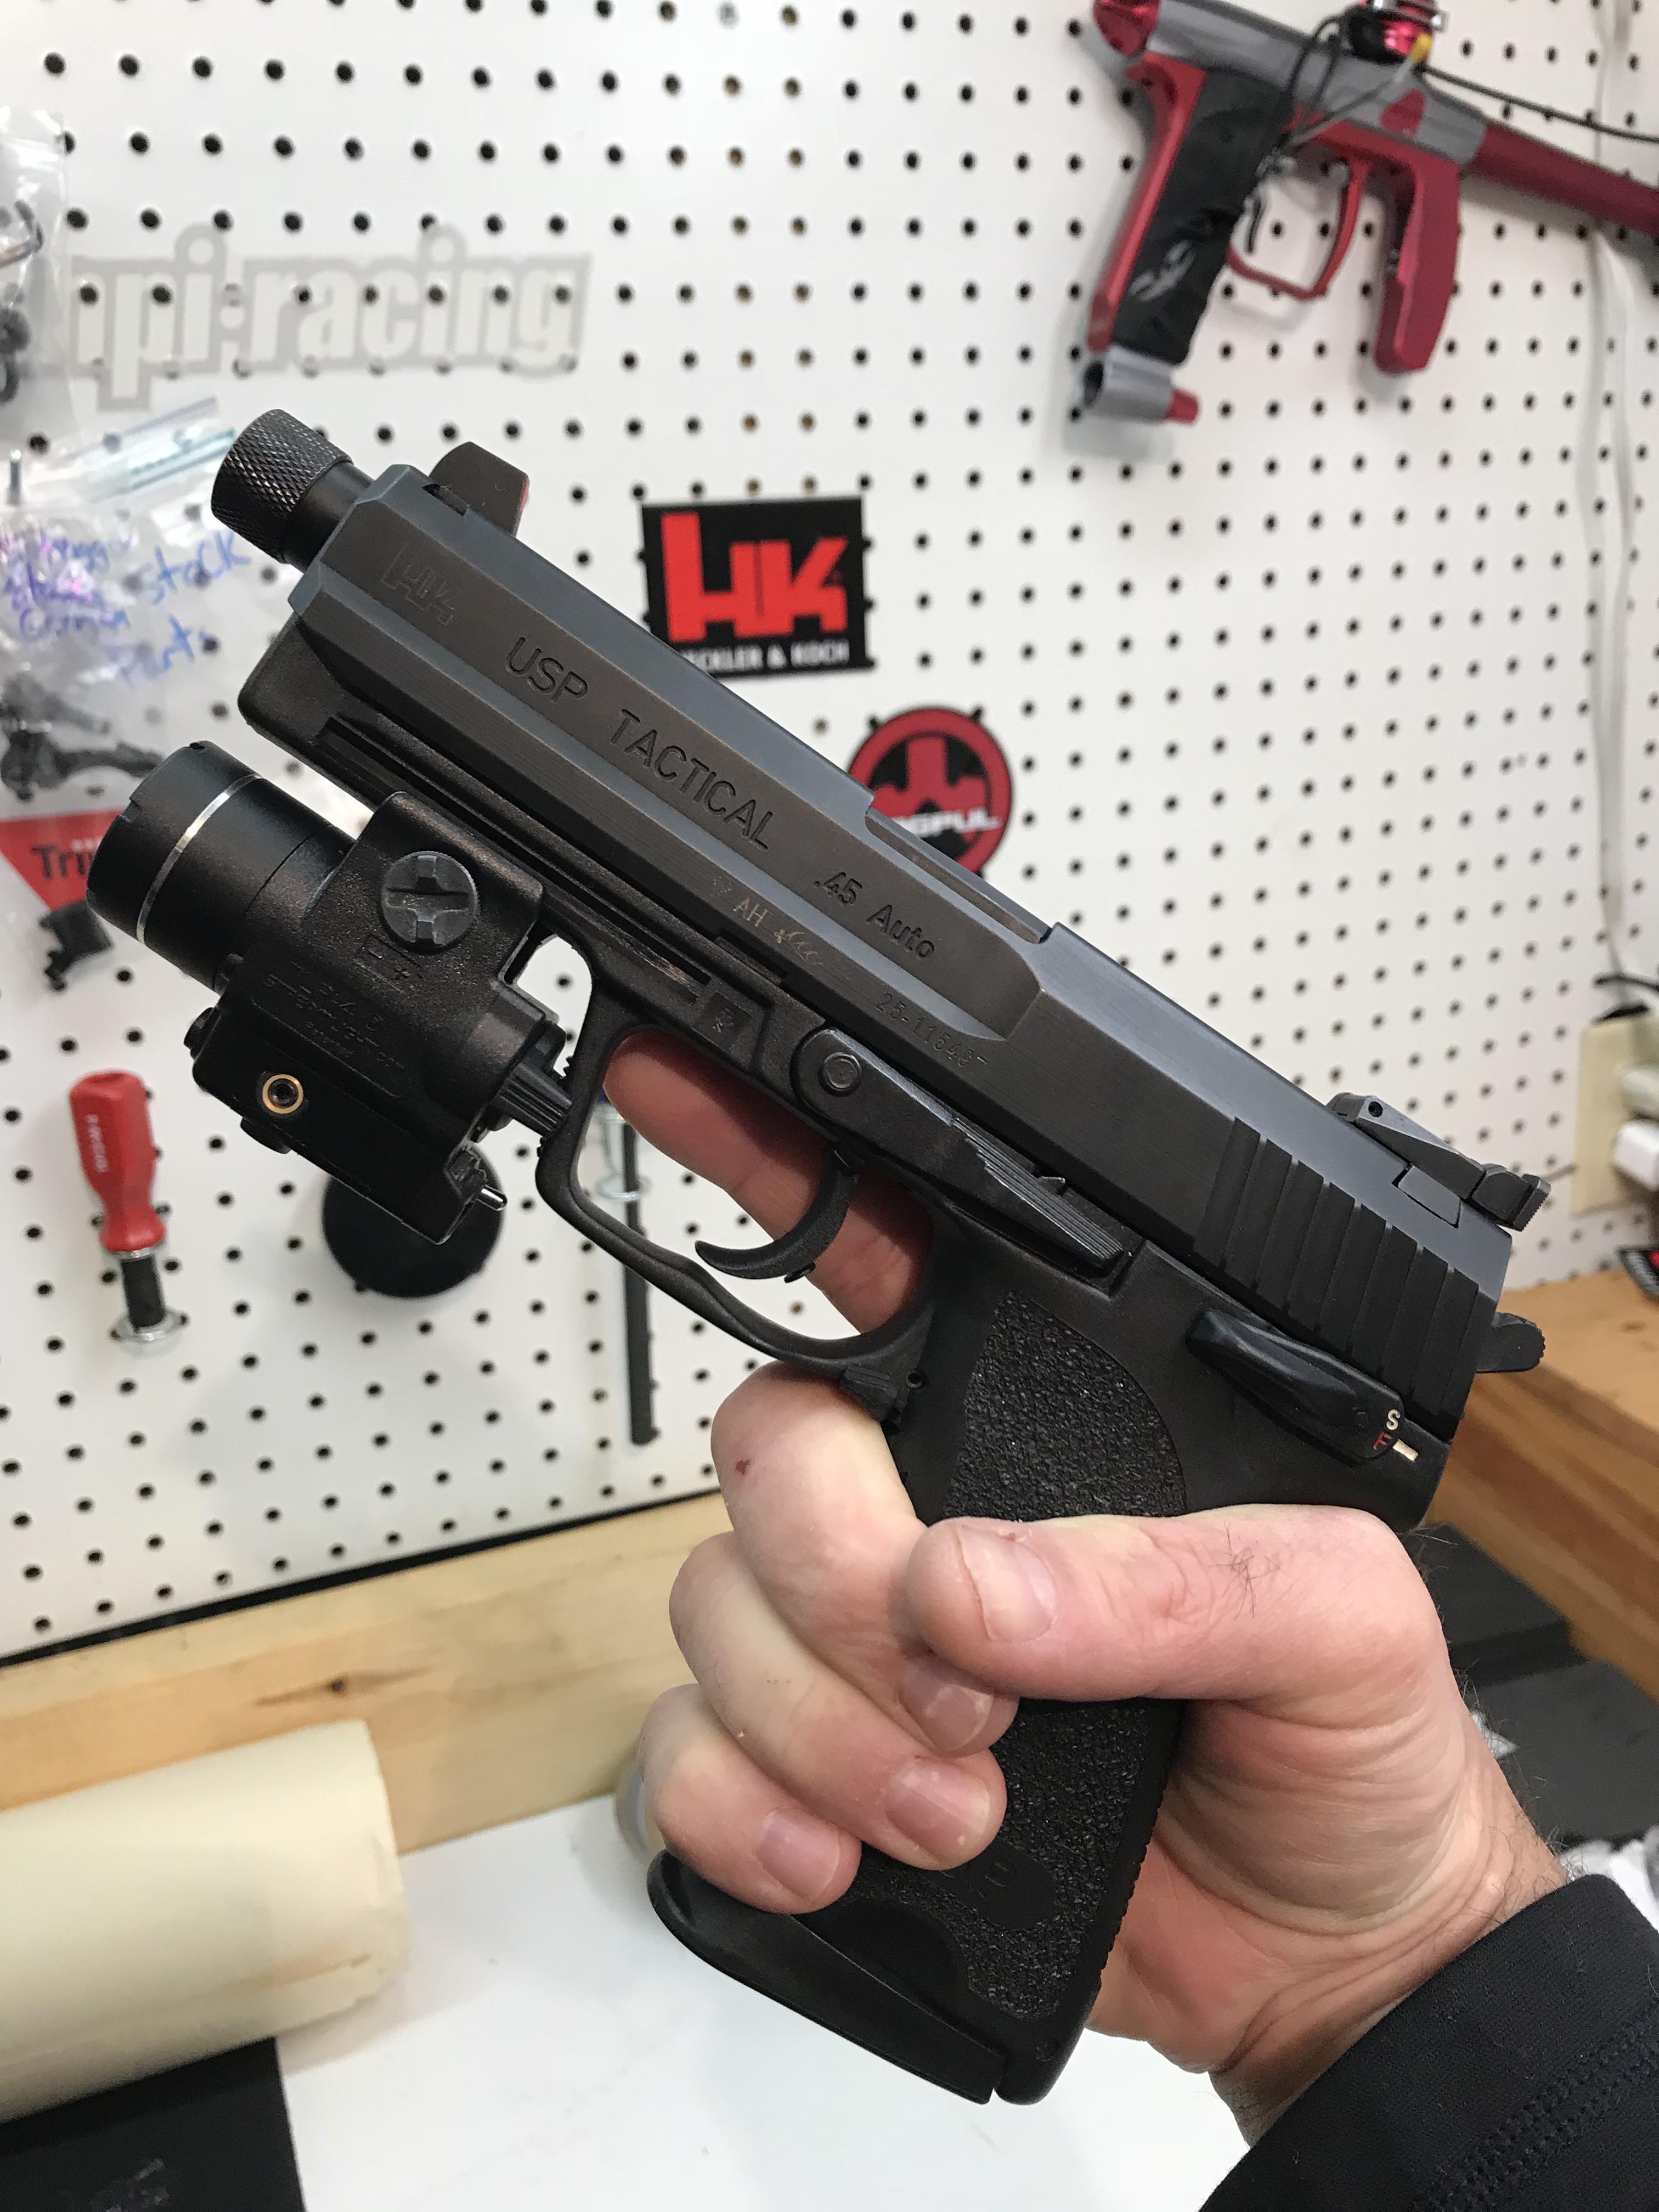 USP 45 Tactical light-d6d8c252-bfbc-4e1a-9bc4-ab2ae7fe5ead_1526262975938.jpeg